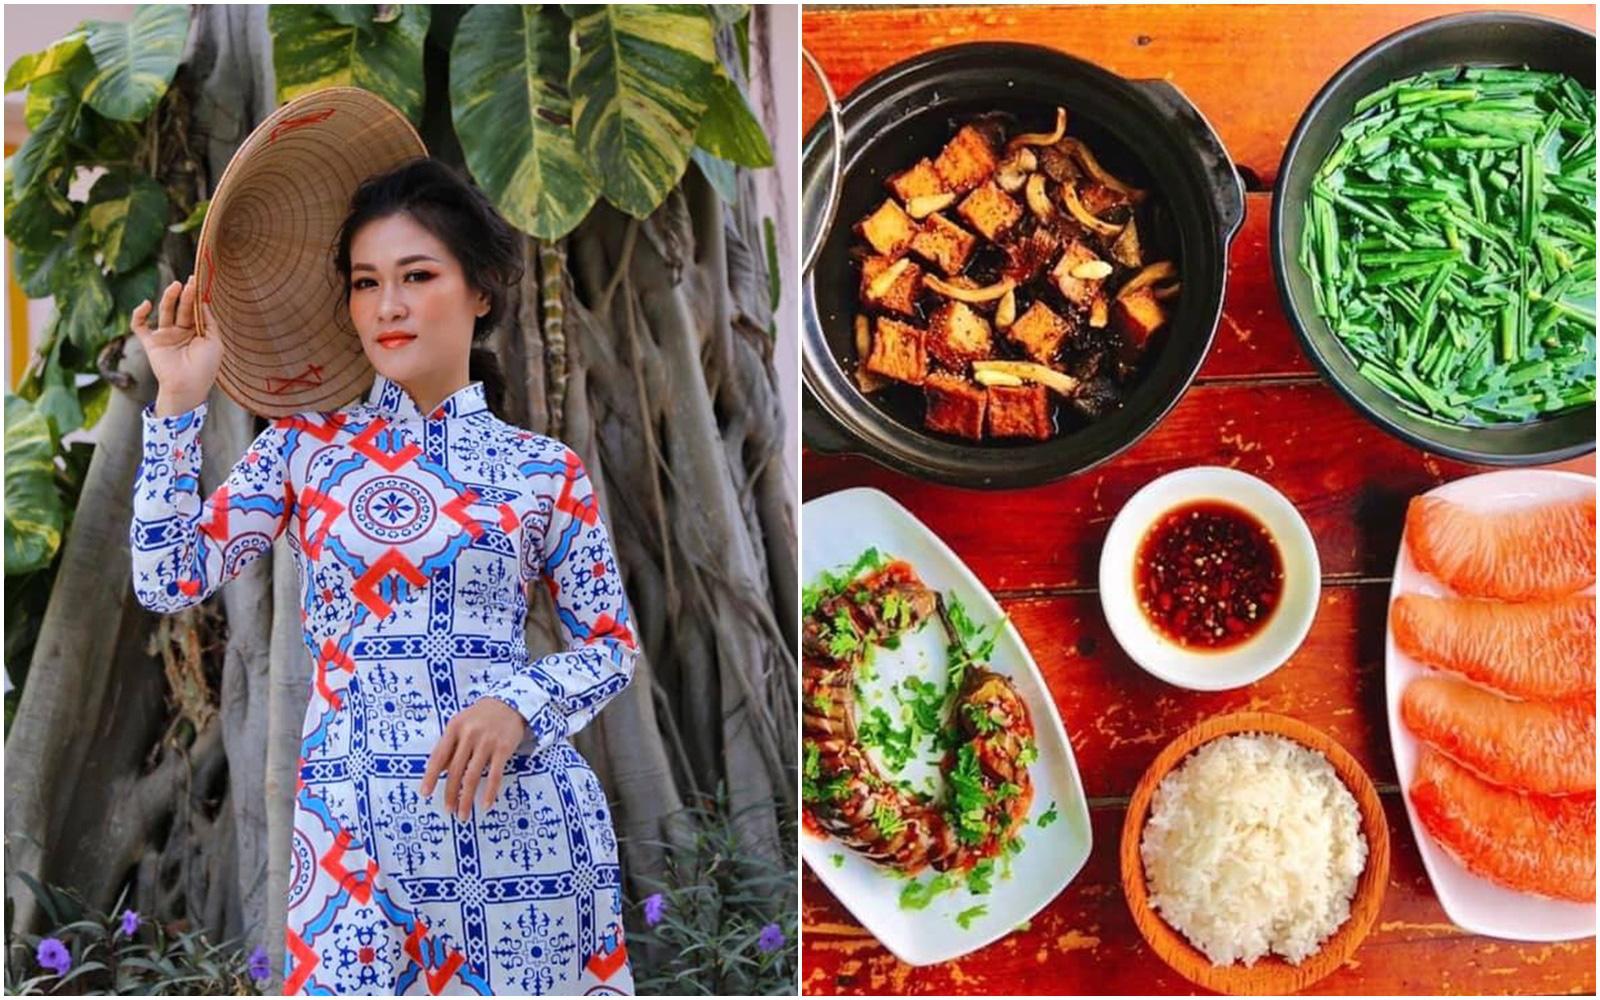 Những mâm cơm chay với giá cả vô cùng hợp lý của cô gái ở Vũng Tàu nhưng ai nhìn cũng thốt lên ngon như nhà hàng nấu